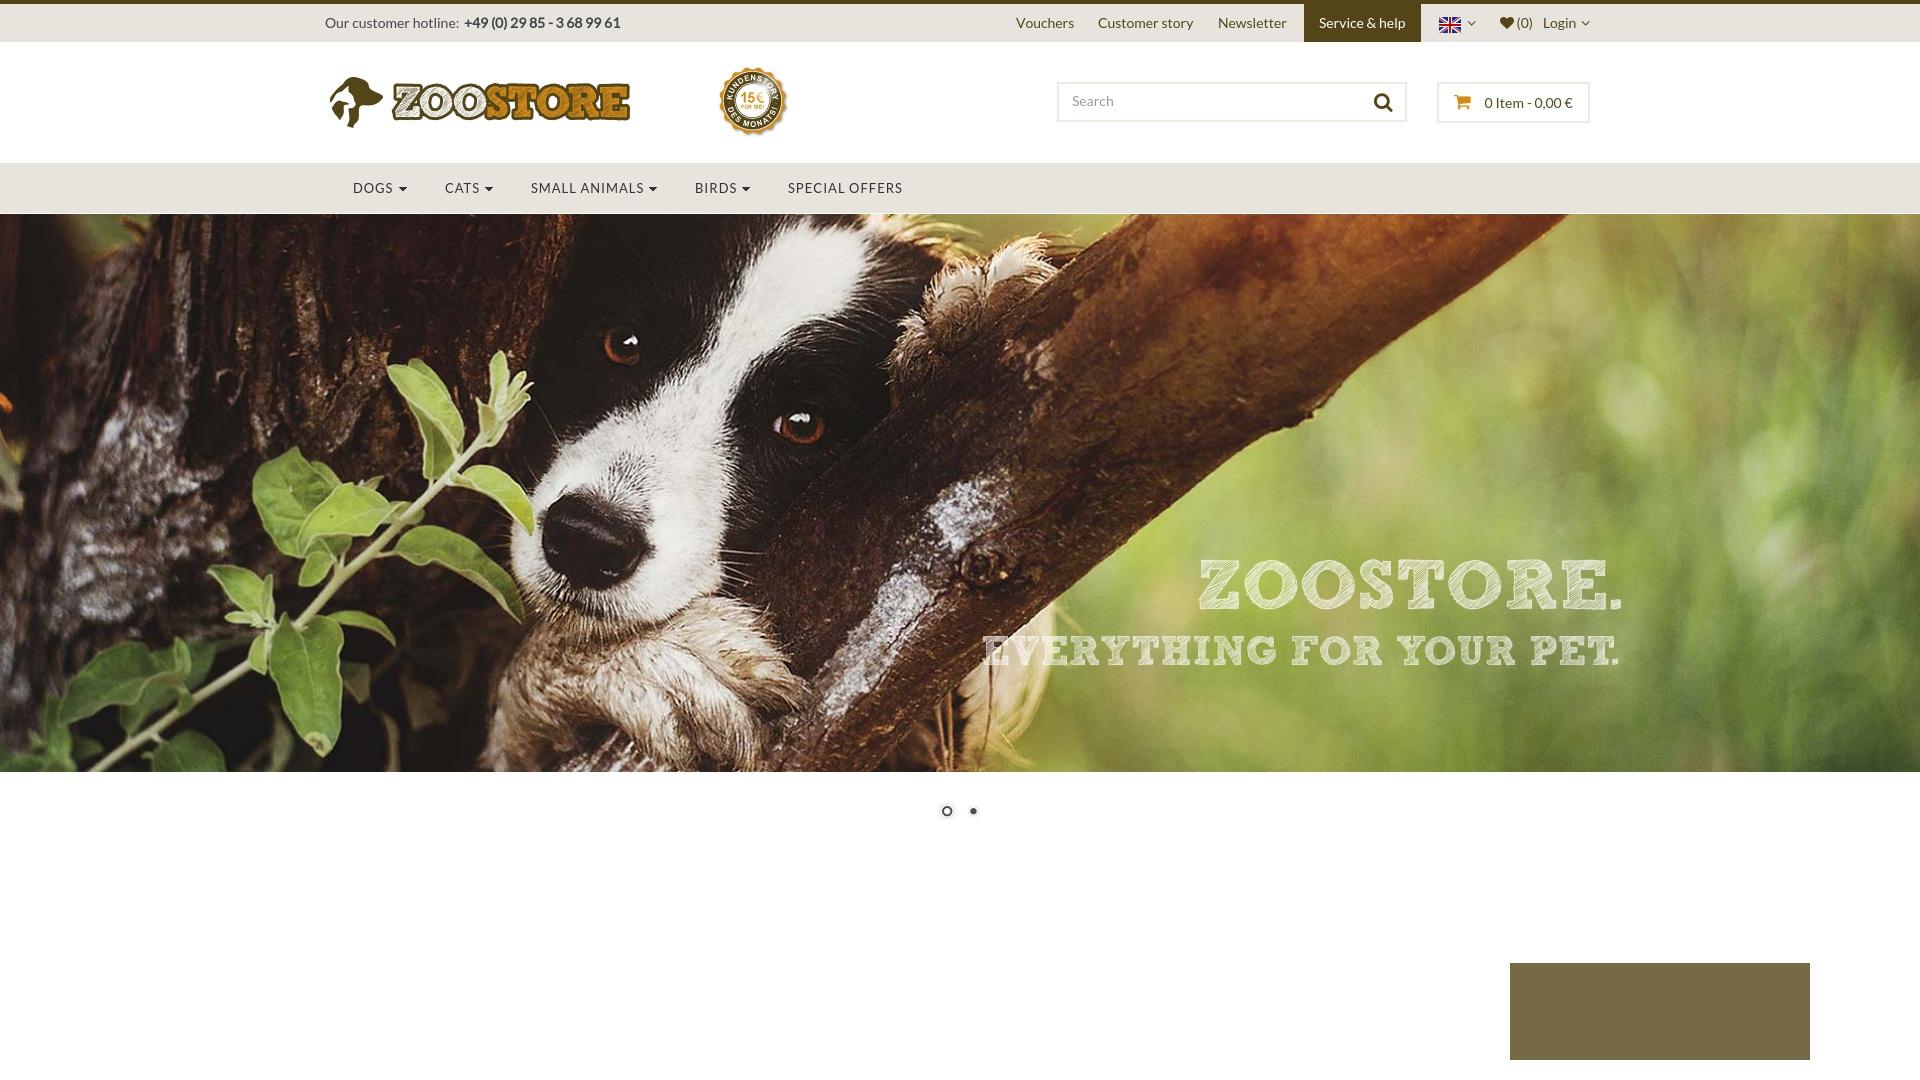 Gutschein für Zoostore: Rabatte für  Zoostore sichern